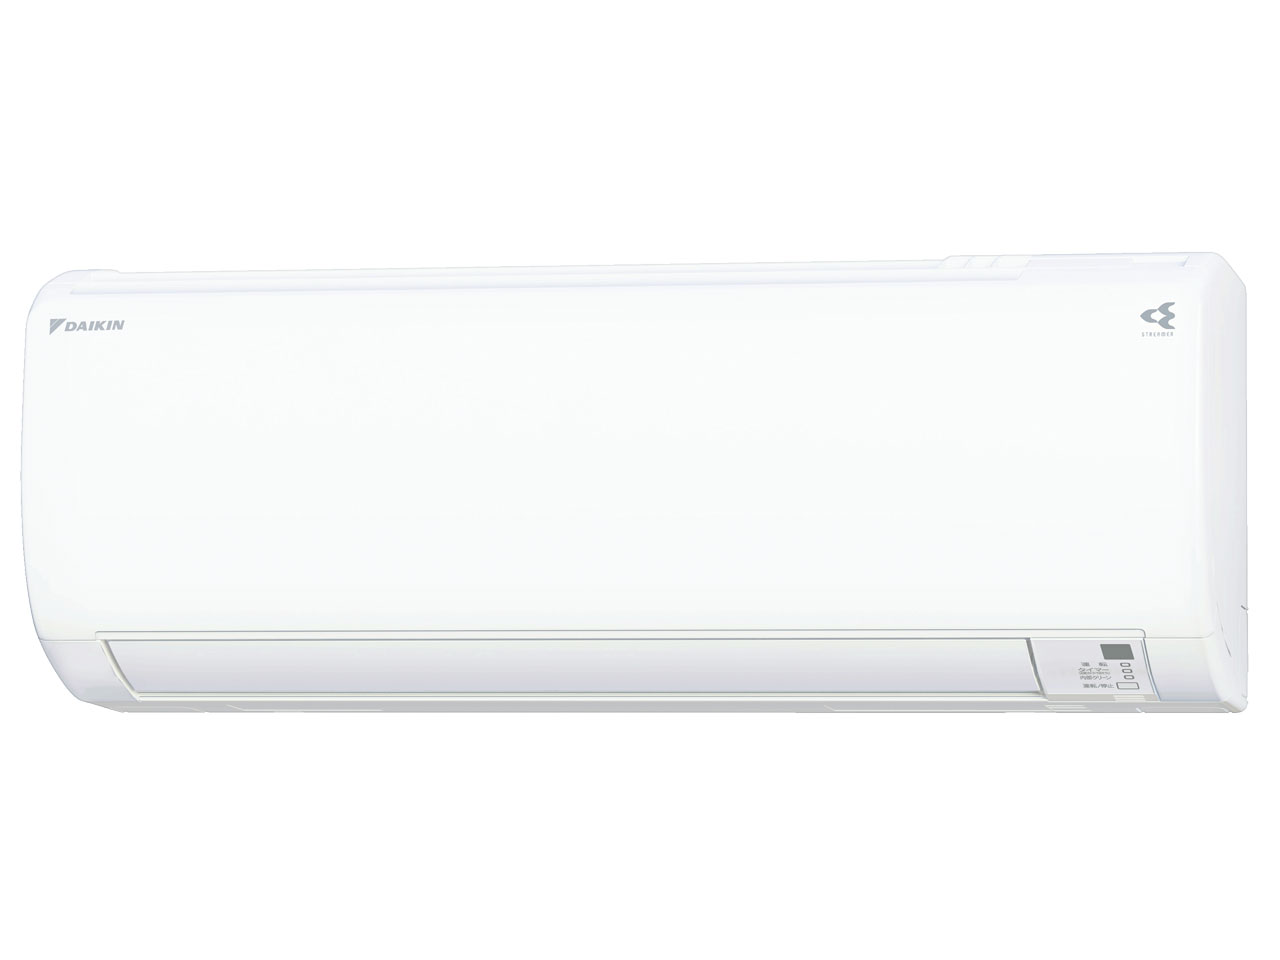 ダイキン 19年モデル KXシリーズ S25WTKXP-W 【200V用】8畳用冷暖房除湿エアコン